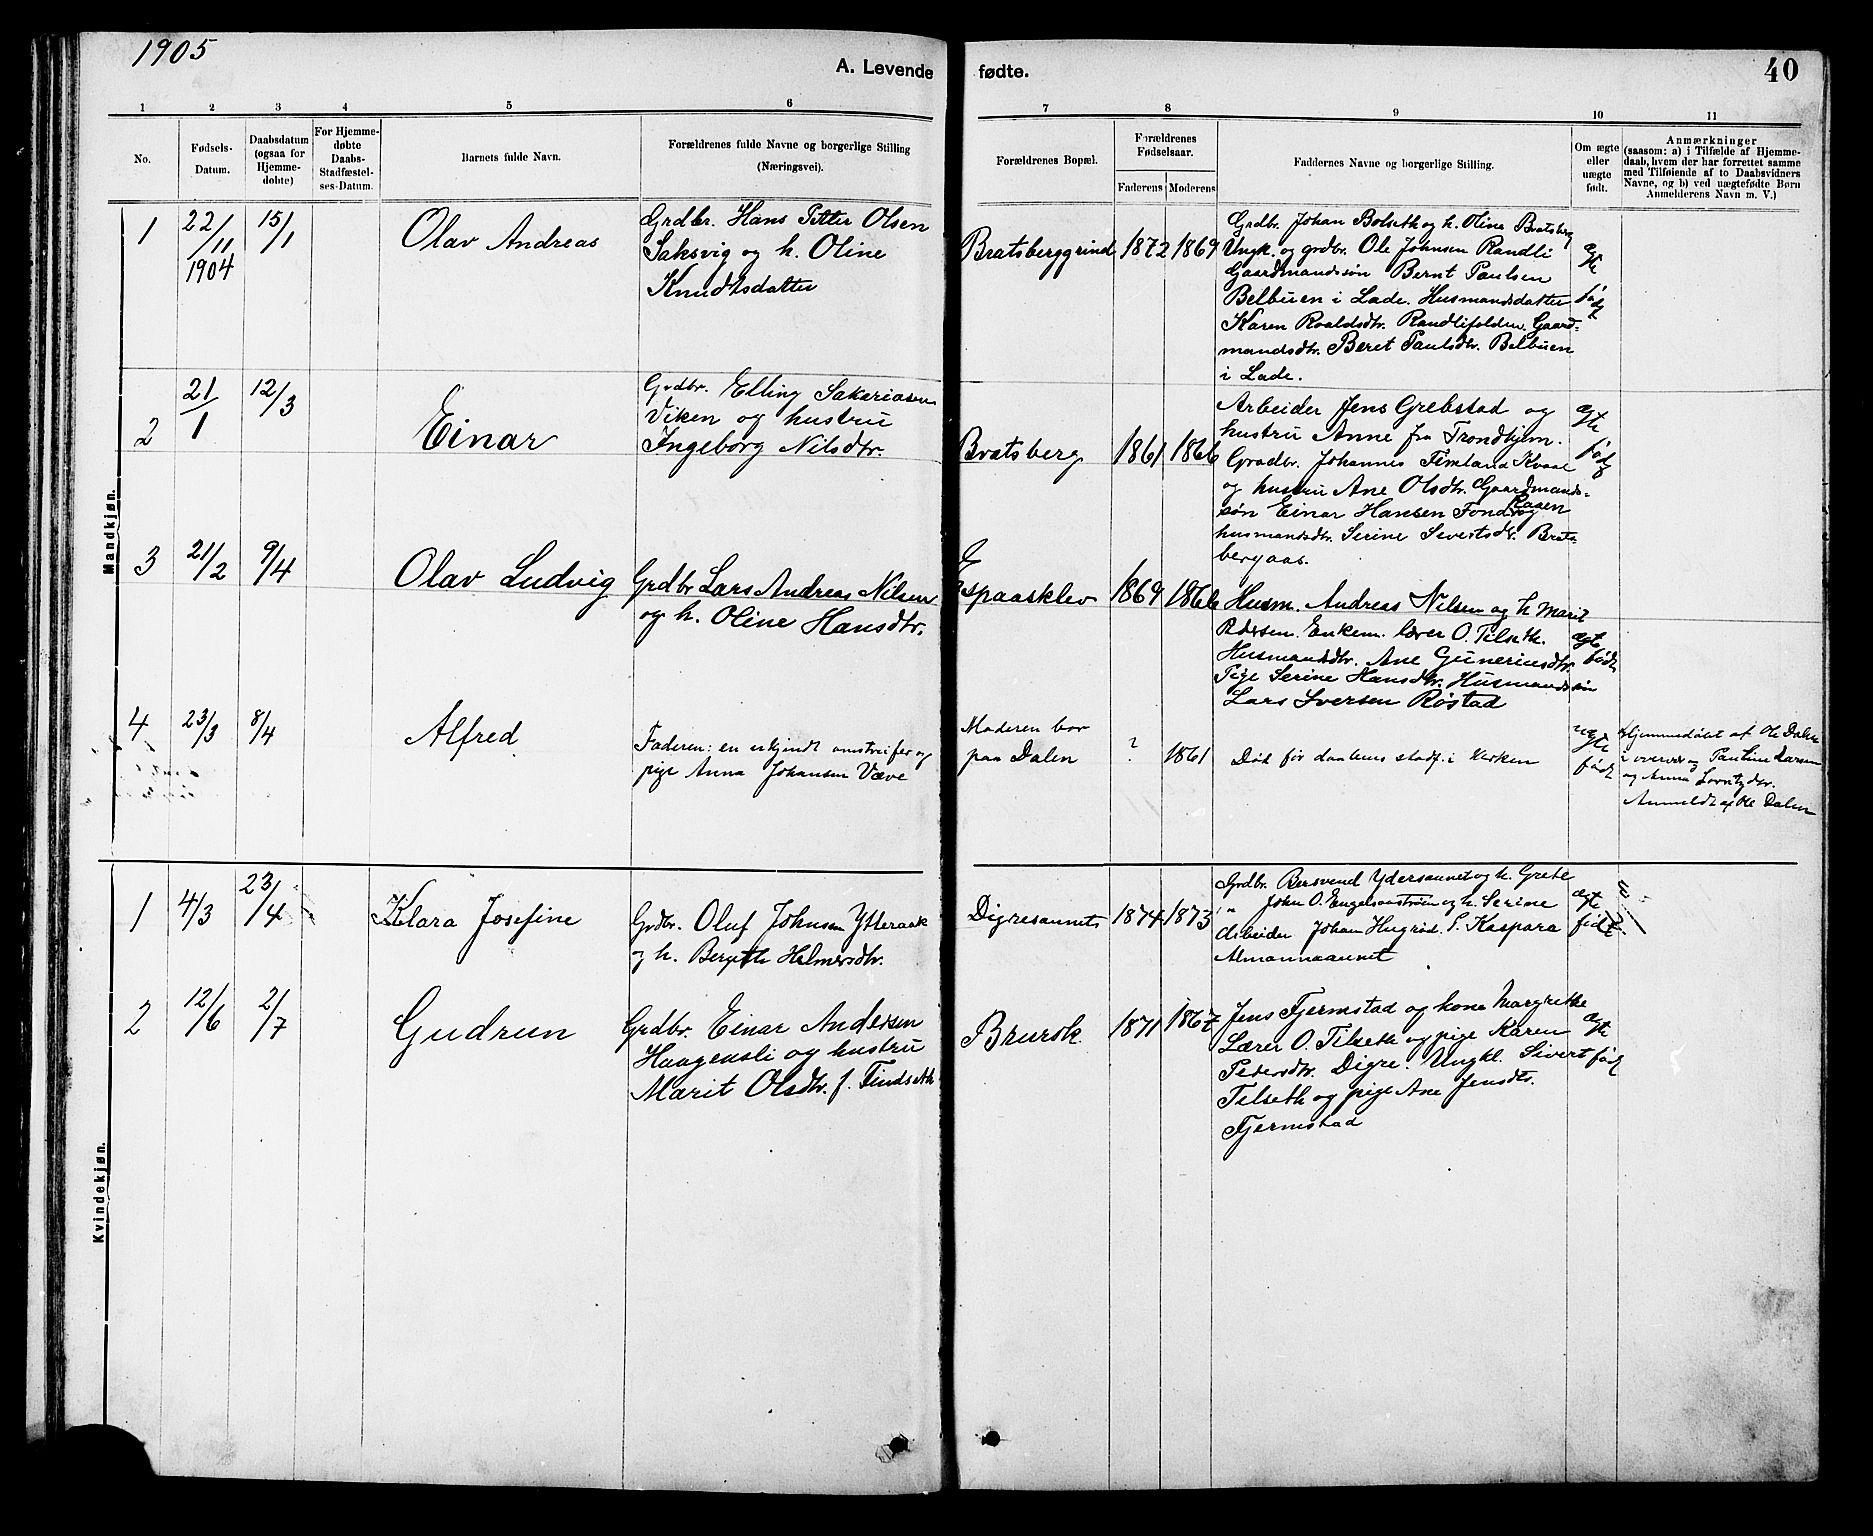 SAT, Ministerialprotokoller, klokkerbøker og fødselsregistre - Sør-Trøndelag, 608/L0341: Klokkerbok nr. 608C07, 1890-1912, s. 40